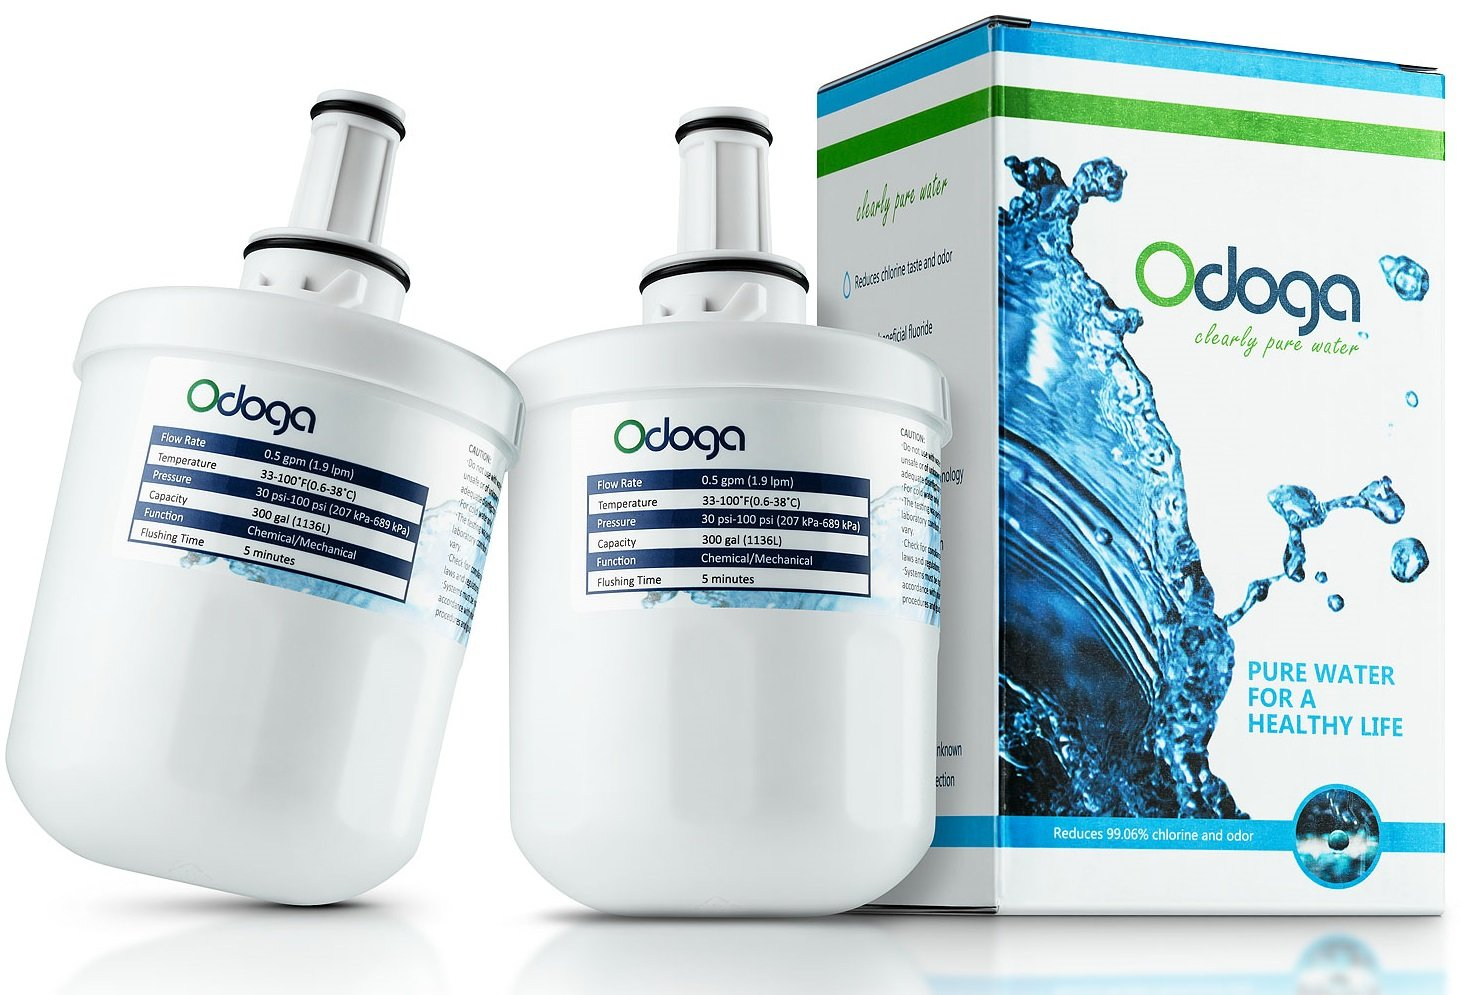 Odoga DA29-00003G Filtro Acqua Compatibile Con Frigoriferi Whirlpool Samsung Aqua Pure PLUS DA29-00003G, DA29-00003F, DA29-00003B, DA29-00003A, HAFIN1 EXP